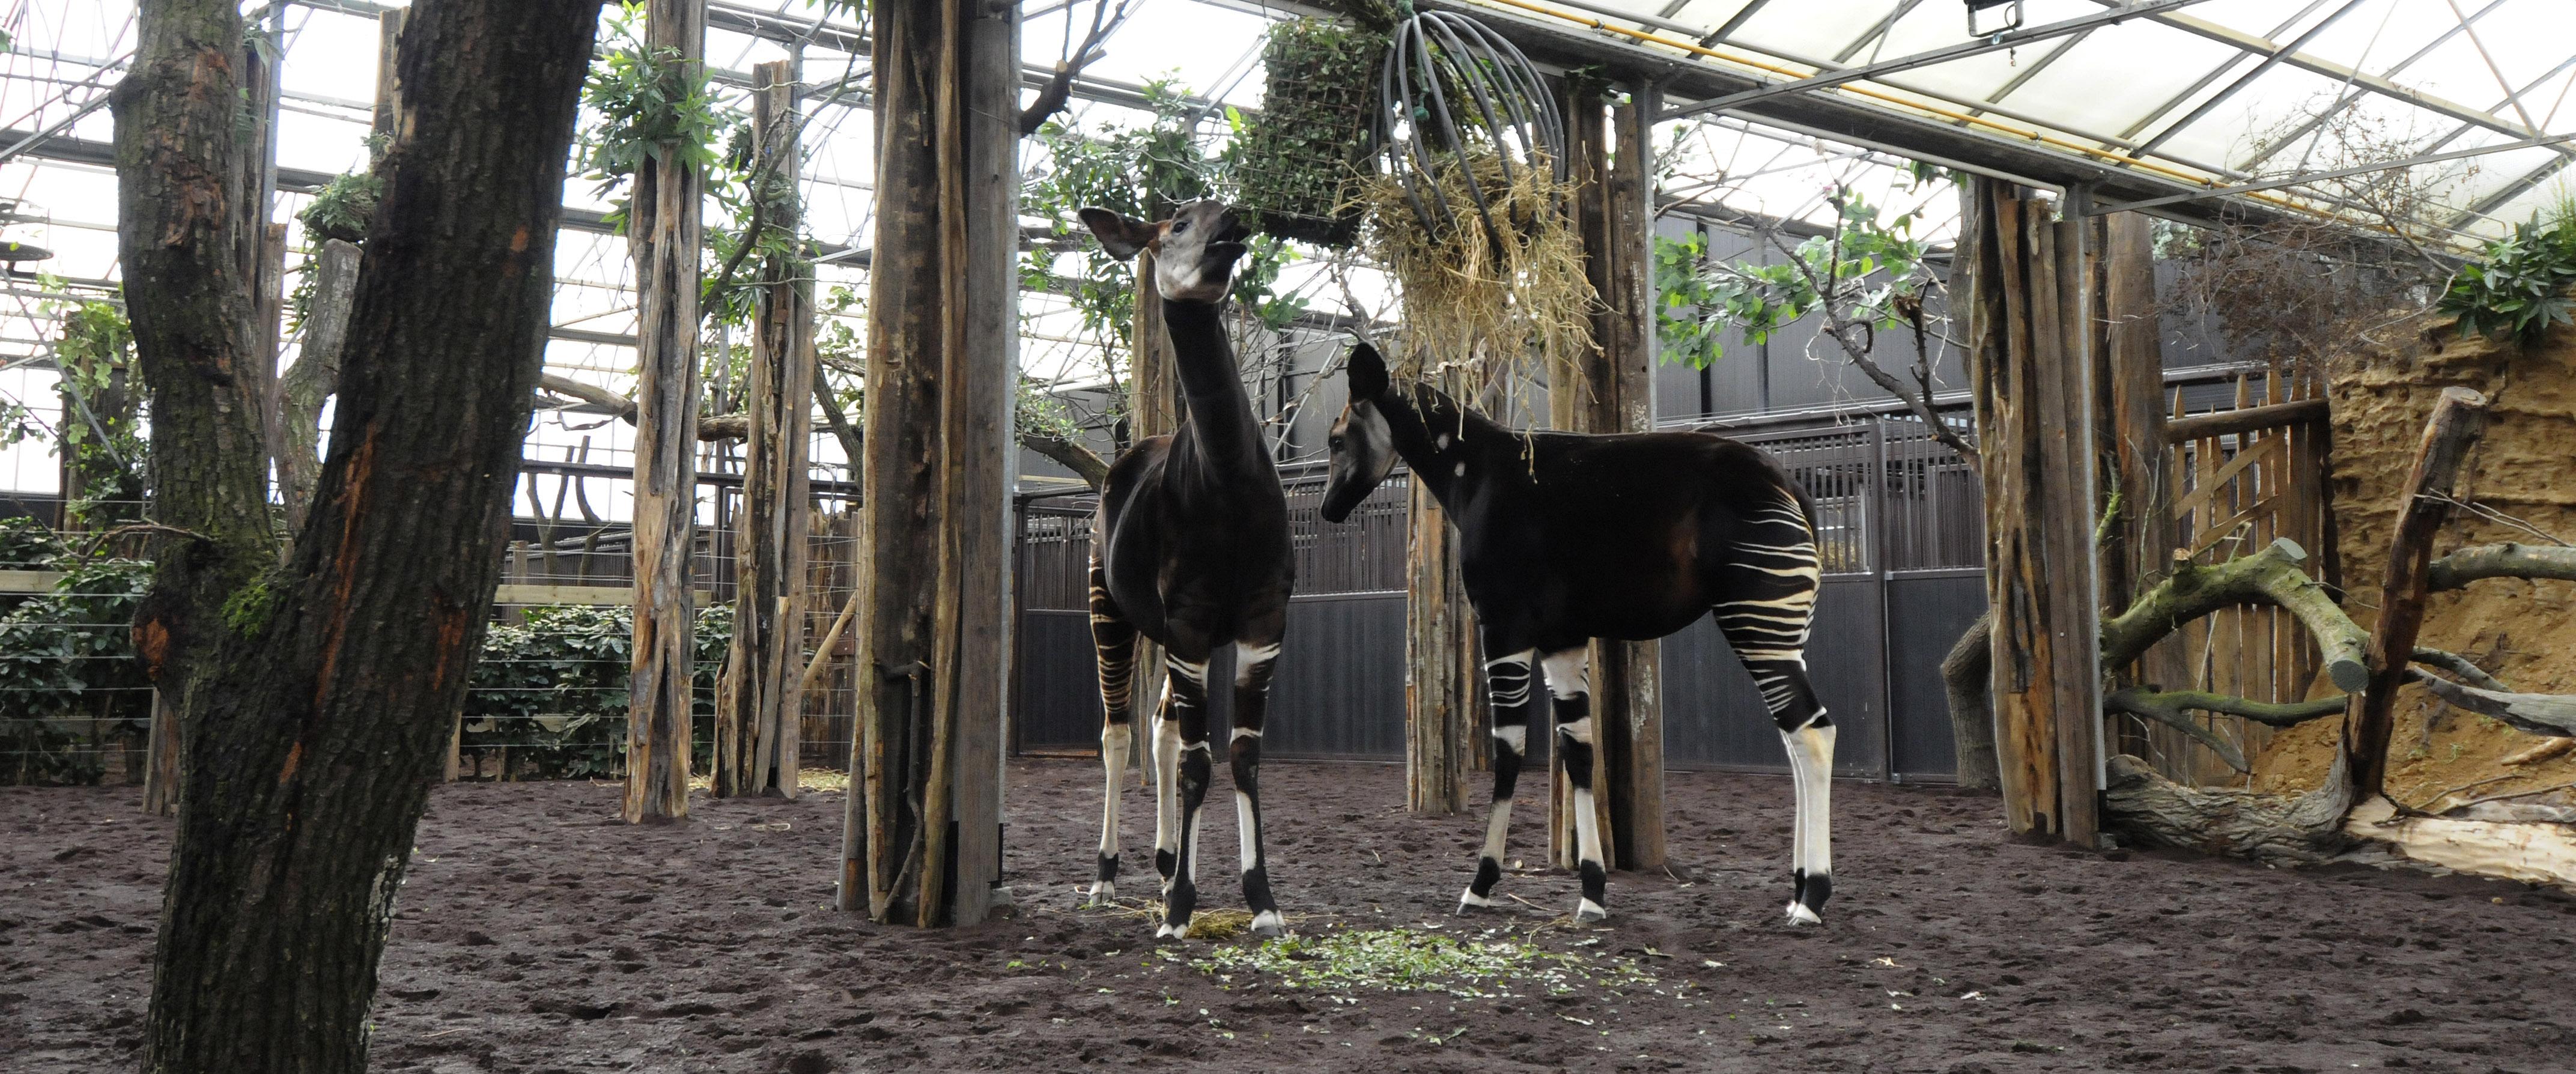 blijdorp zoo korting